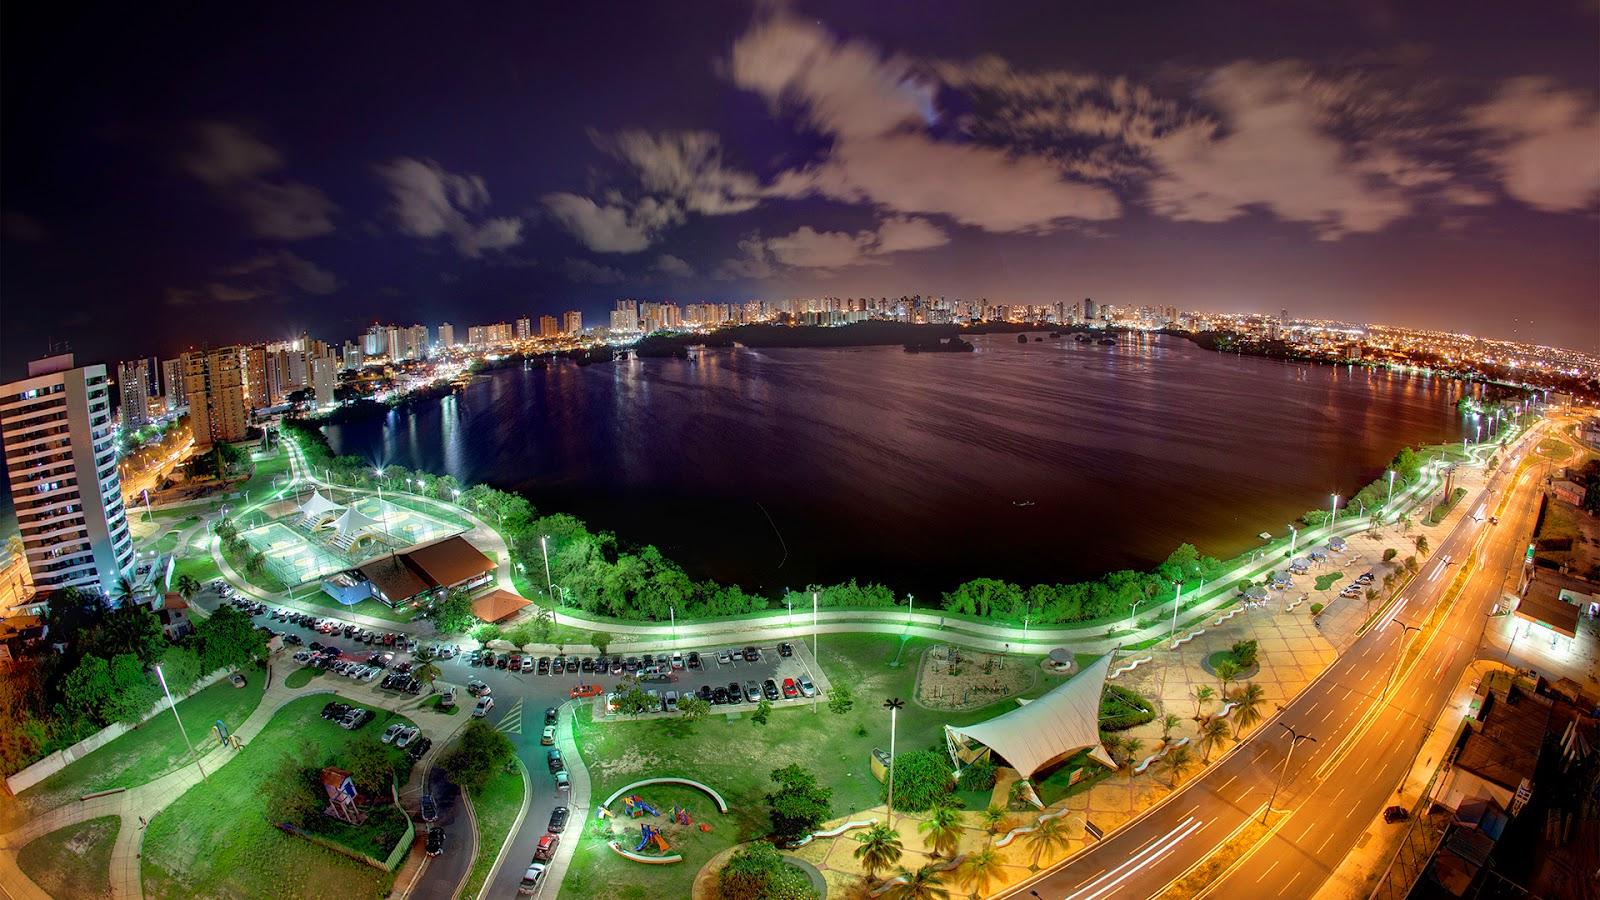 https://2.bp.blogspot.com/--FKBZGh6PZY/U6bvVdE4exI/AAAAAAAAZ3M/Cji7UIV4TEY/s1600/Lagoa-Da-Jansen-City-Park-Brazil-Wallpaper.jpg